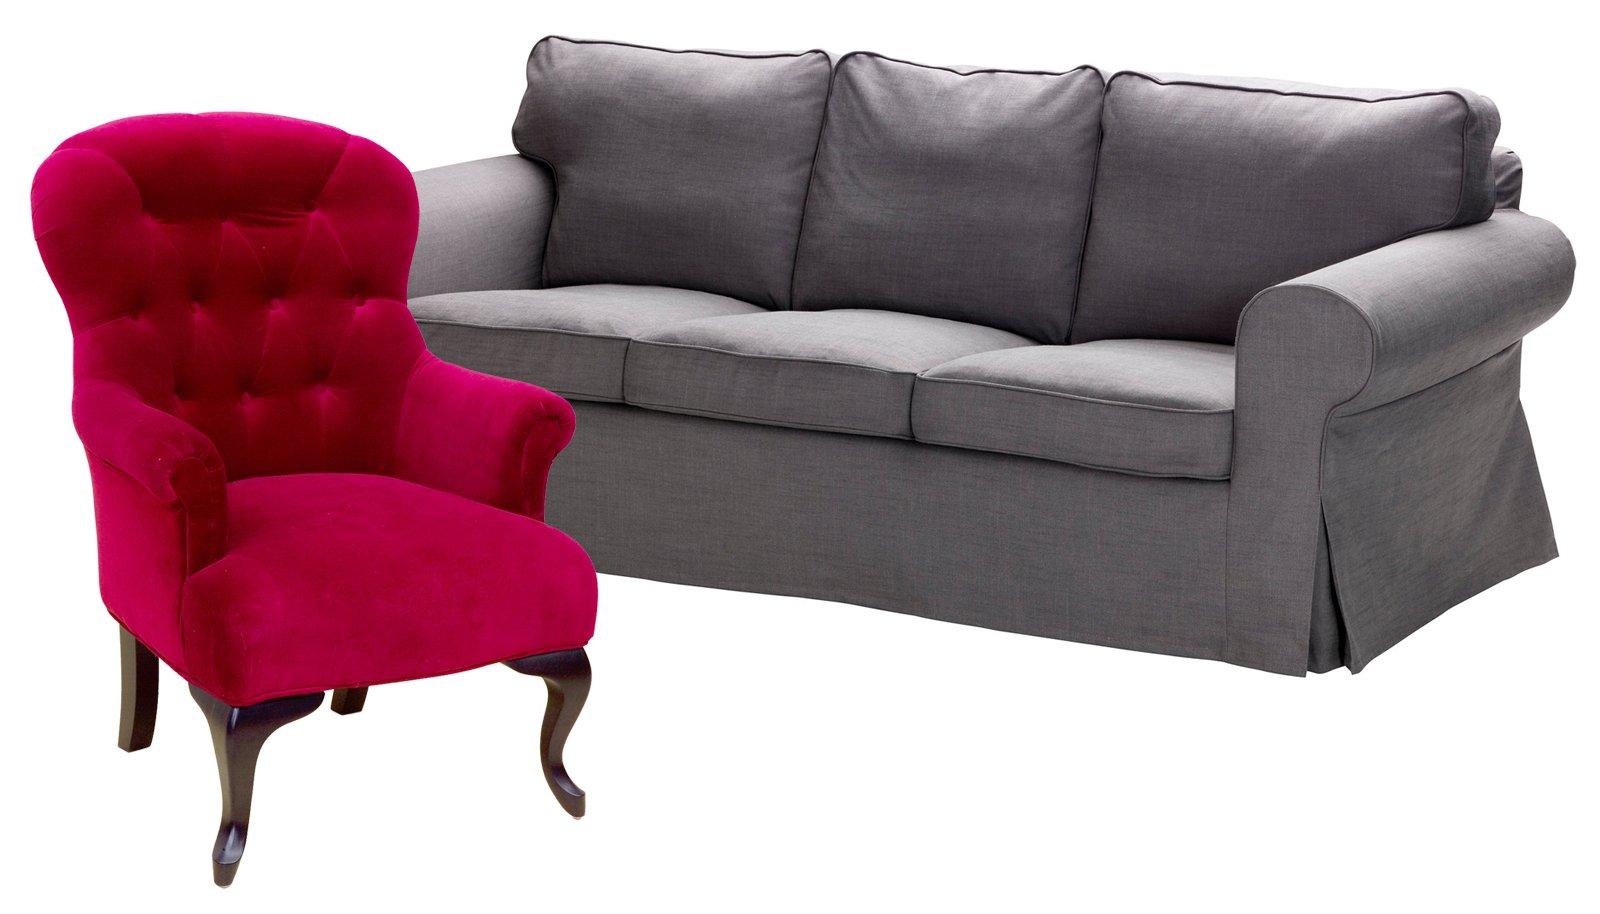 Poltrona e divano idee per abbinarli cose di casa for Ikea poltrona letto